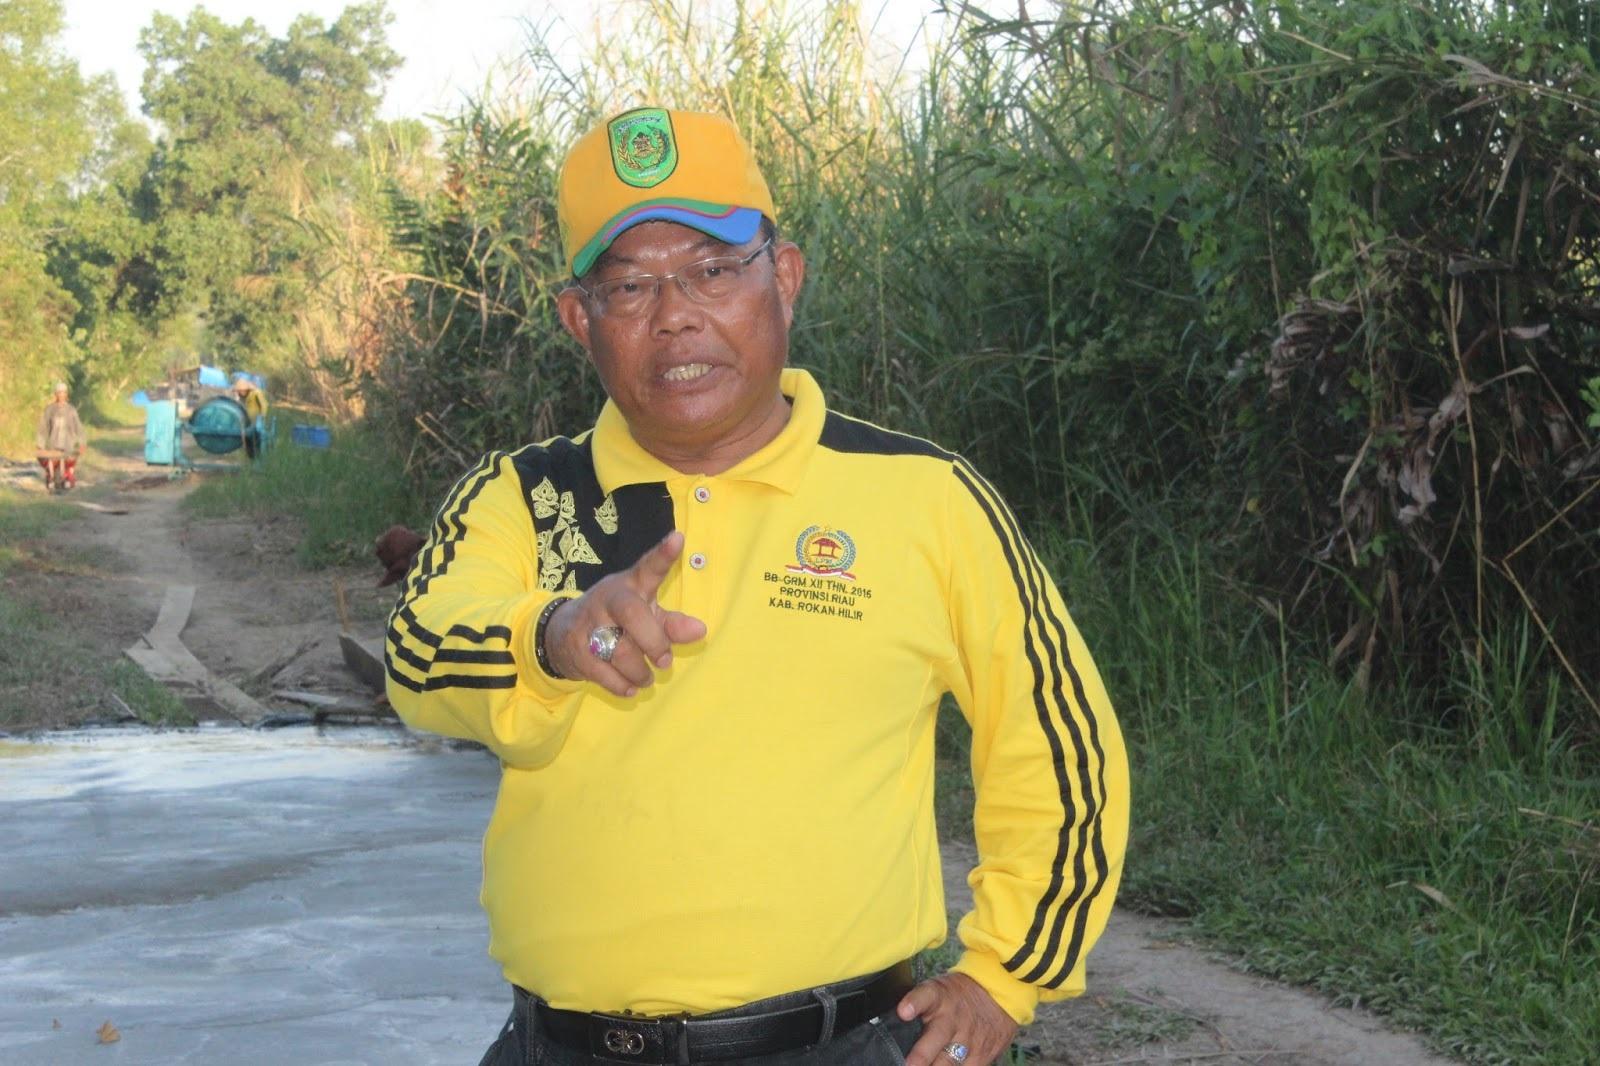 Kepala DPMD Inhil: Saya tidak pernah minta uang sama Kepala Desa